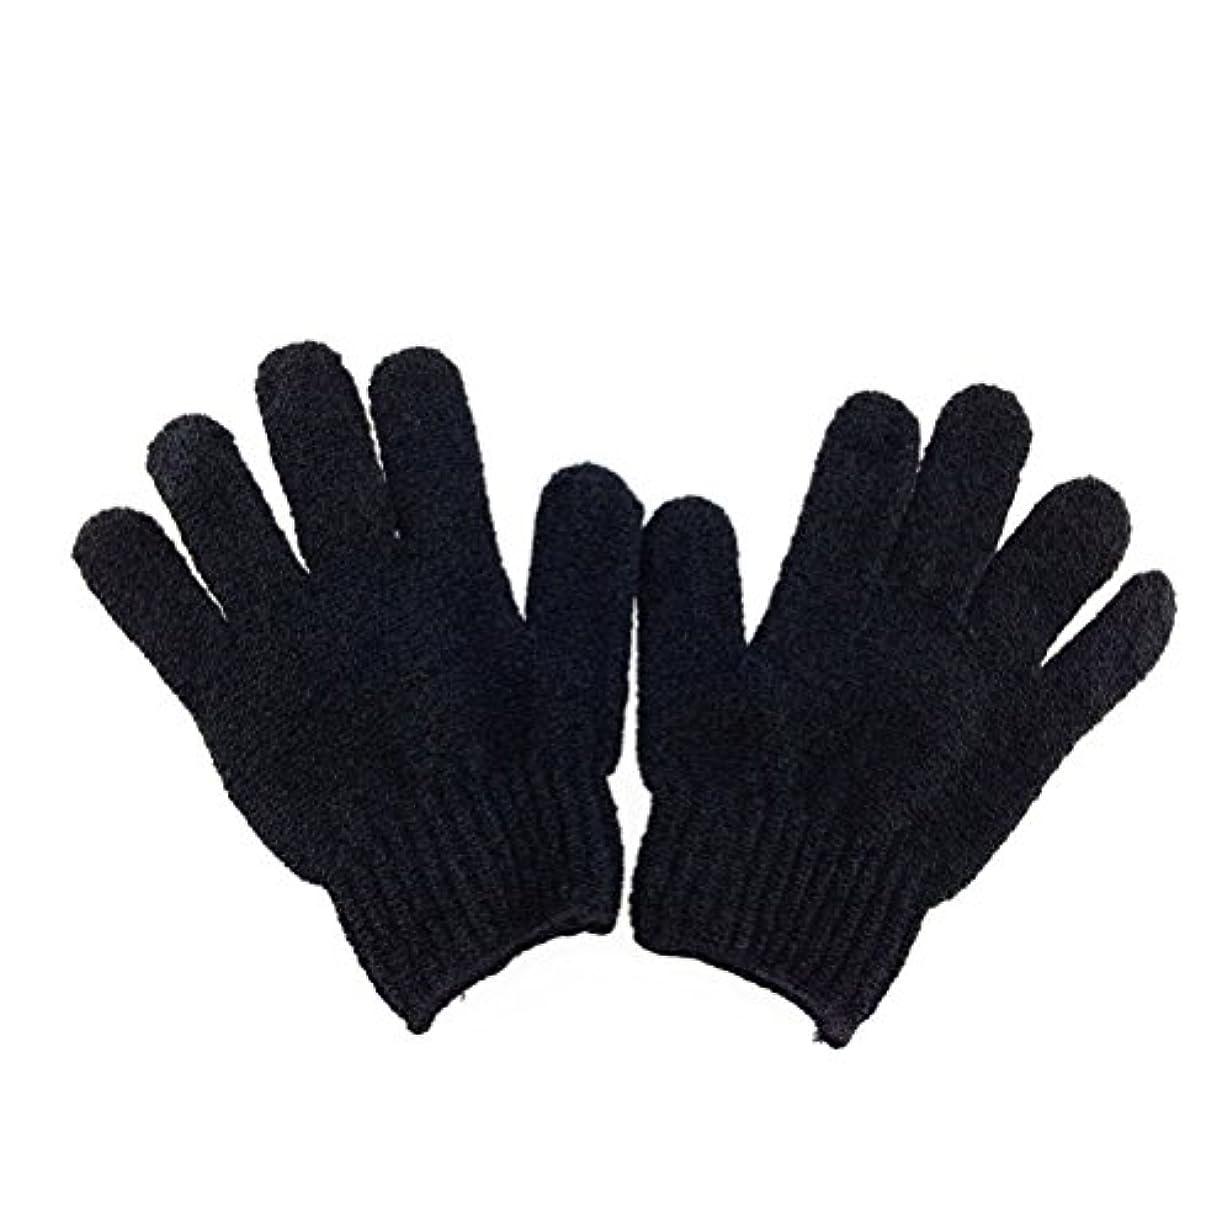 ミシン目理論的懇願するROSENICE お風呂 シャワー 垢すり手袋(黒)